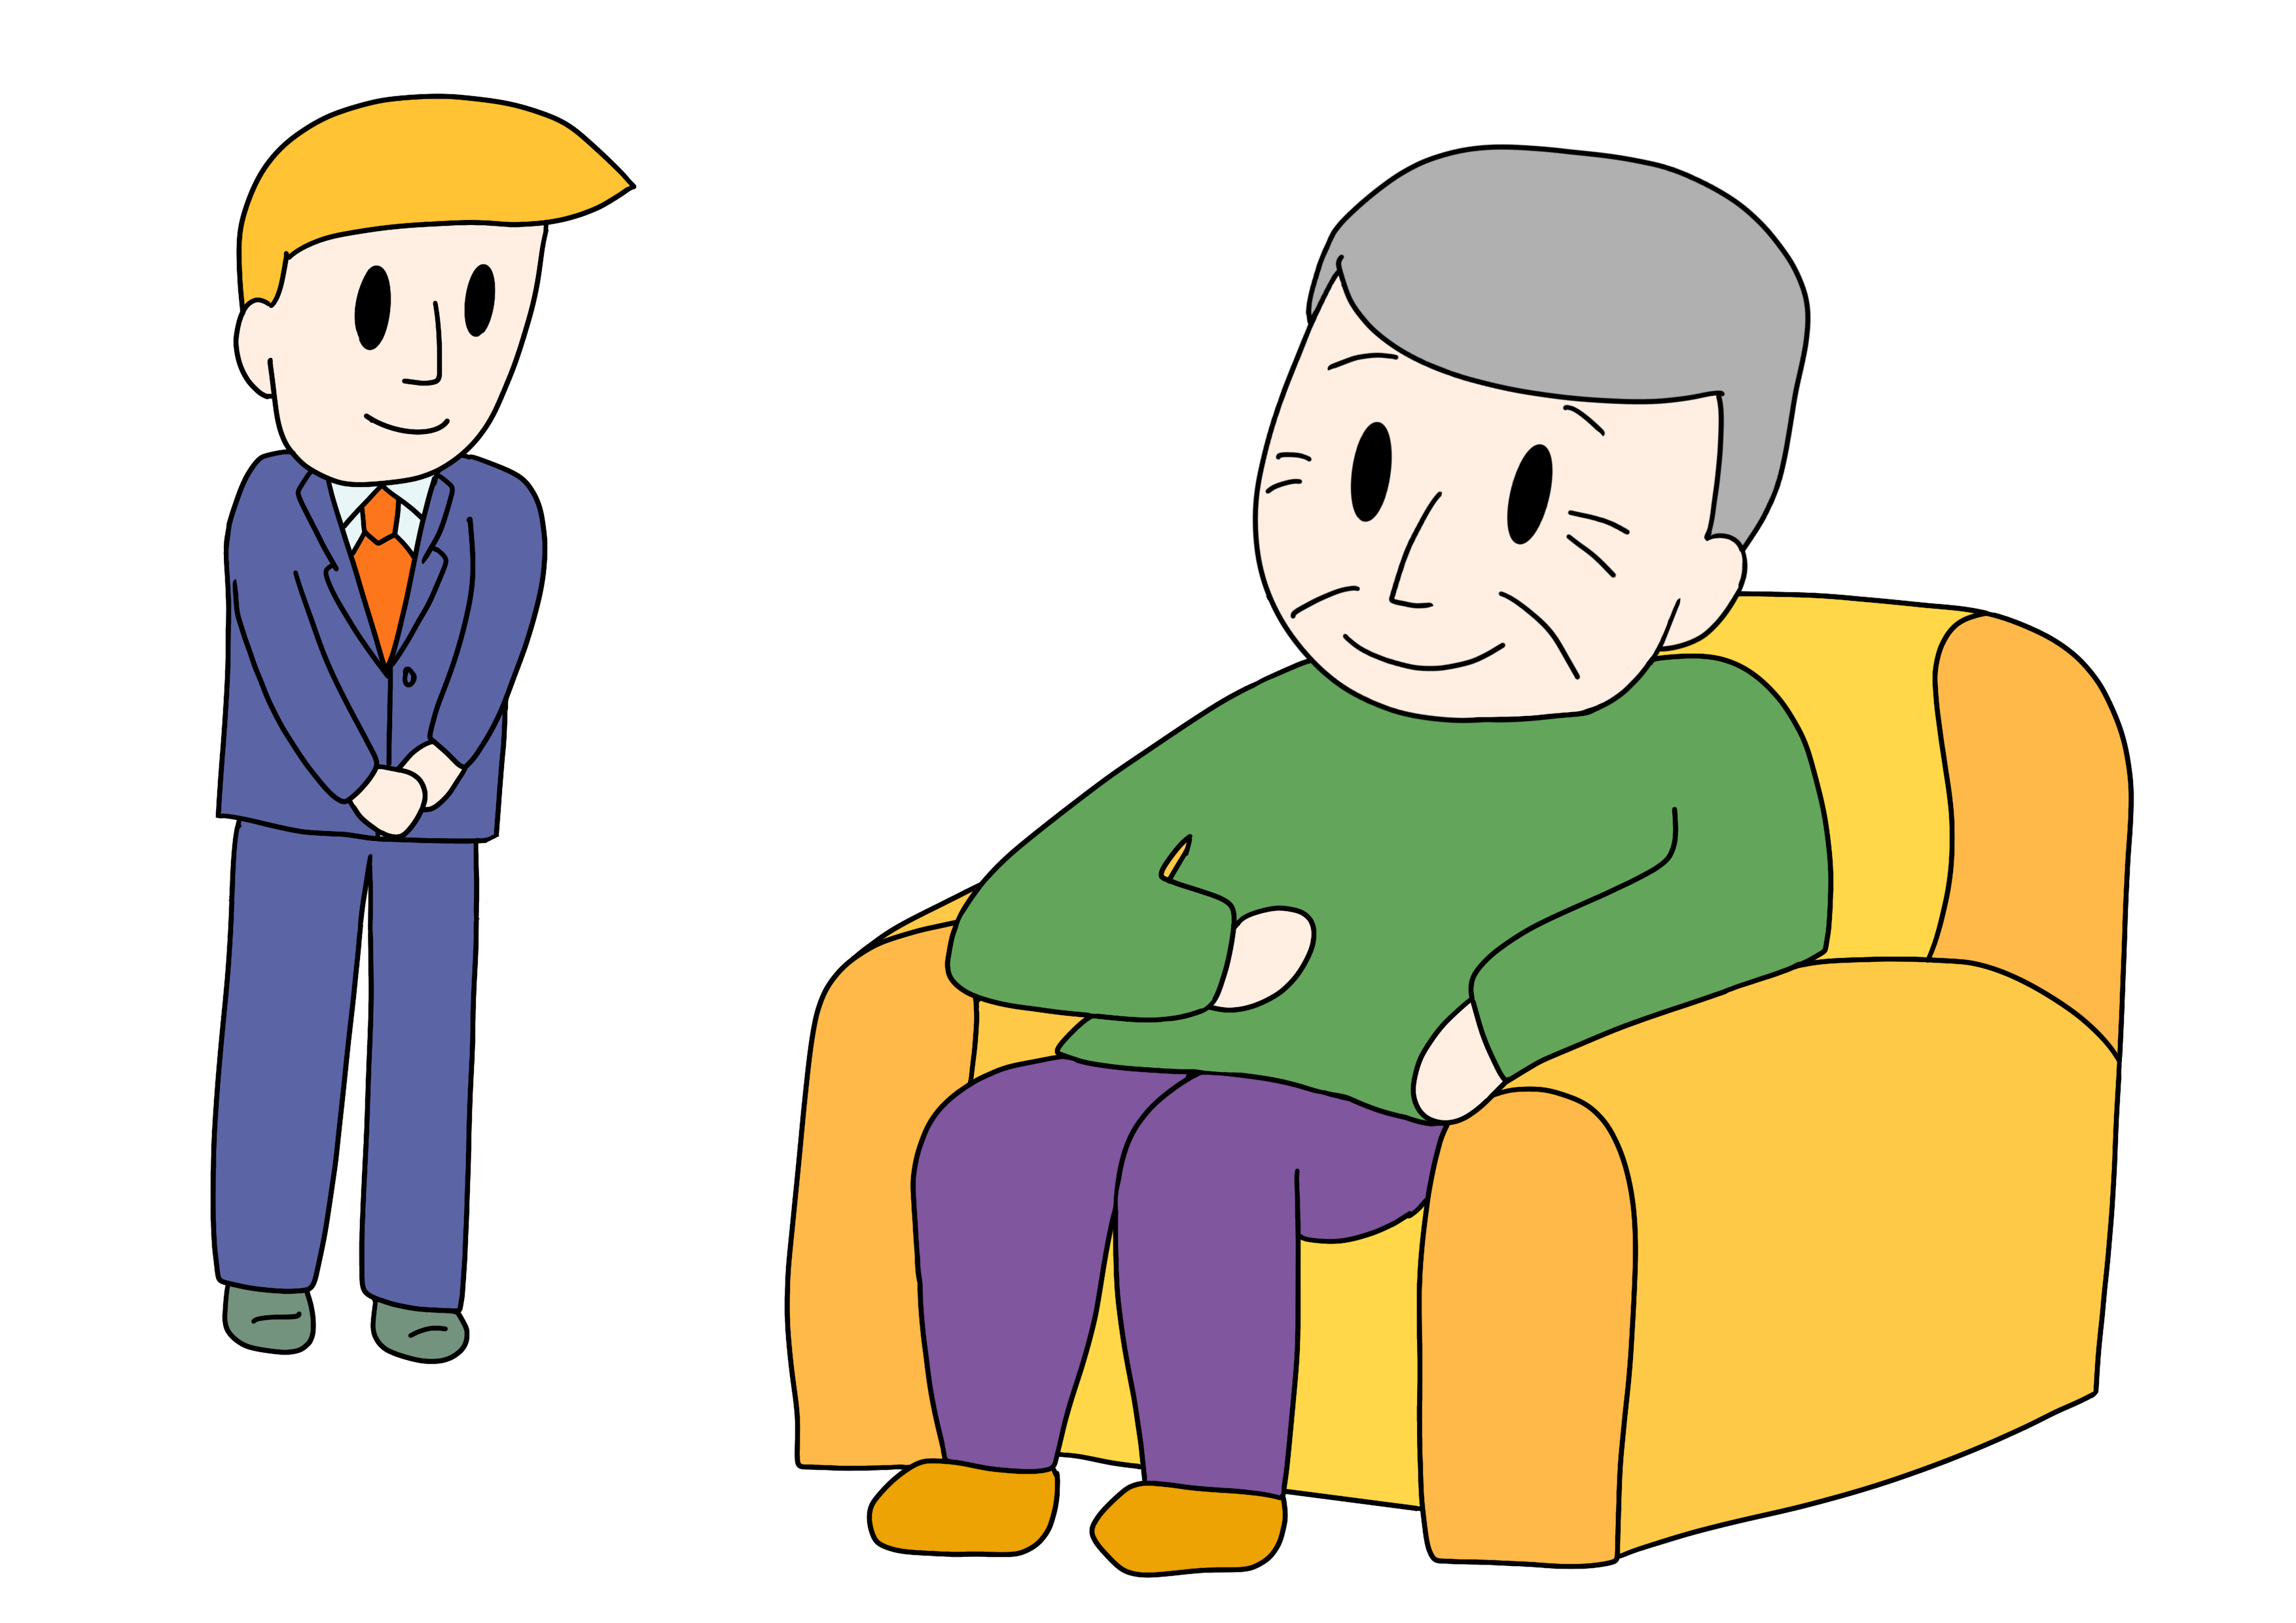 49課イラスト【椅子にかける】